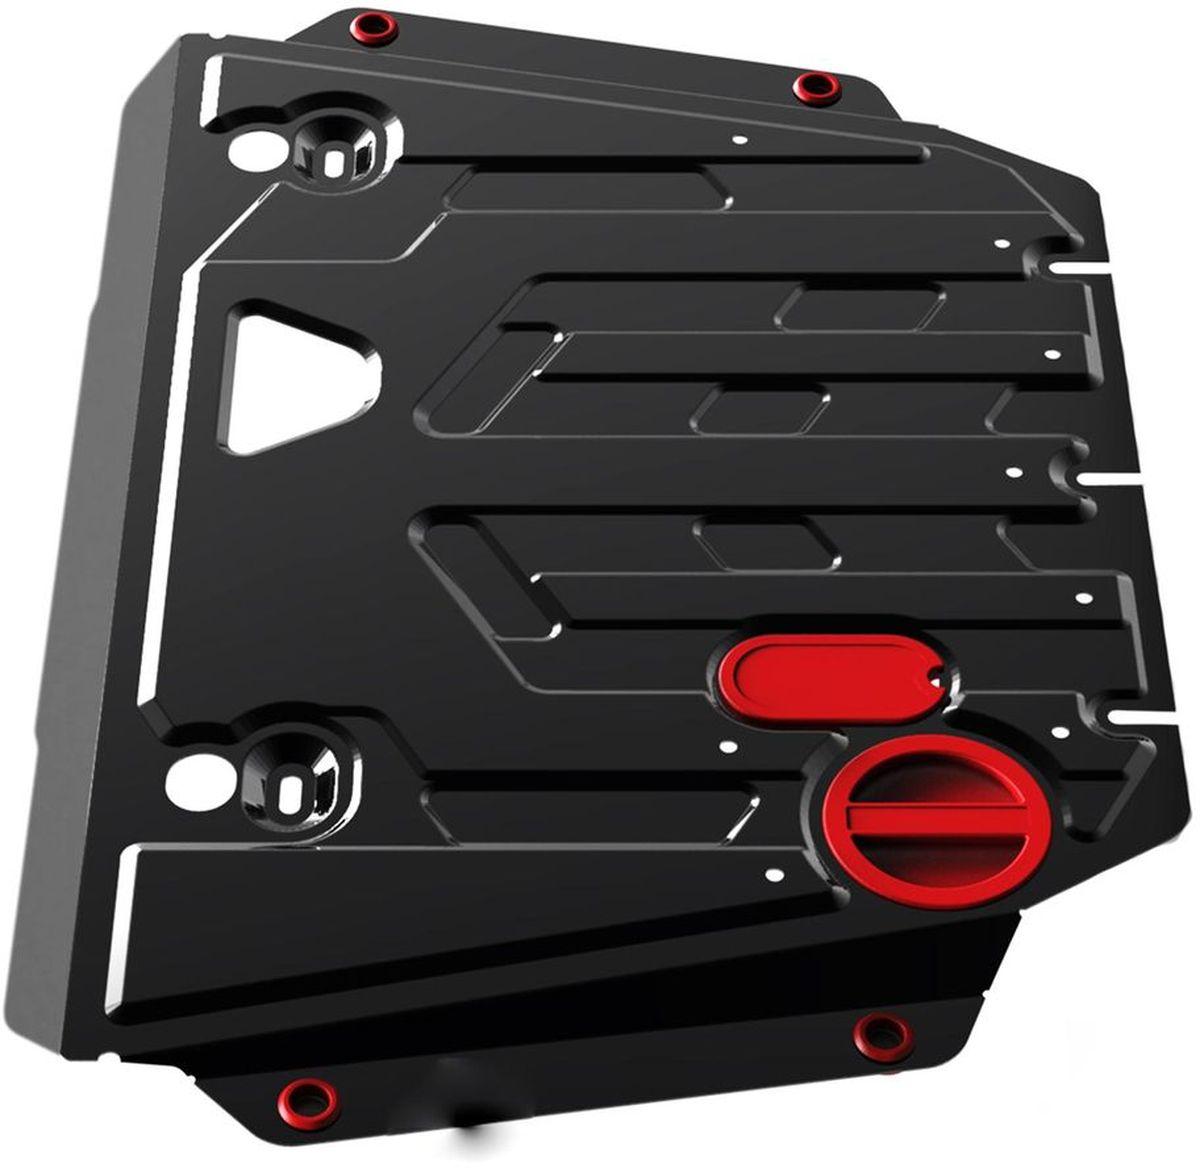 Защита картера и КПП Автоброня, для Chevrolet Cruze V - 1,6; 1,8 (2009-) /Opel Astra J, V - все (2010-11)111.01010.2Технологически совершенный продукт за невысокую стоимость. Защита разработана с учетом особенностей днища автомобиля, что позволяет сохранить дорожный просвет с минимальным изменением. Защита устанавливается в штатные места кузова автомобиля. Глубокий штамп обеспечивает до двух раз больше жесткости в сравнении с обычной защитой той же толщины. Проштампованные ребра жесткости препятствуют деформации защиты при ударах. Тепловой зазор и вентиляционные отверстия обеспечивают сохранение температурного режима двигателя в норме. Скрытый крепеж предотвращает срыв крепежных элементов при наезде на препятствие. Шумопоглощающие резиновые элементы обеспечивают комфортную езду без вибраций и скрежета металла, а съемные лючки для слива масла и замены фильтра - экономию средств и время. Конструкция изделия не влияет на пассивную безопасность автомобиля (при ударе защита не воздействует на деформационные зоны кузова). Со штатным крепежом. В комплекте инструкция по установке....